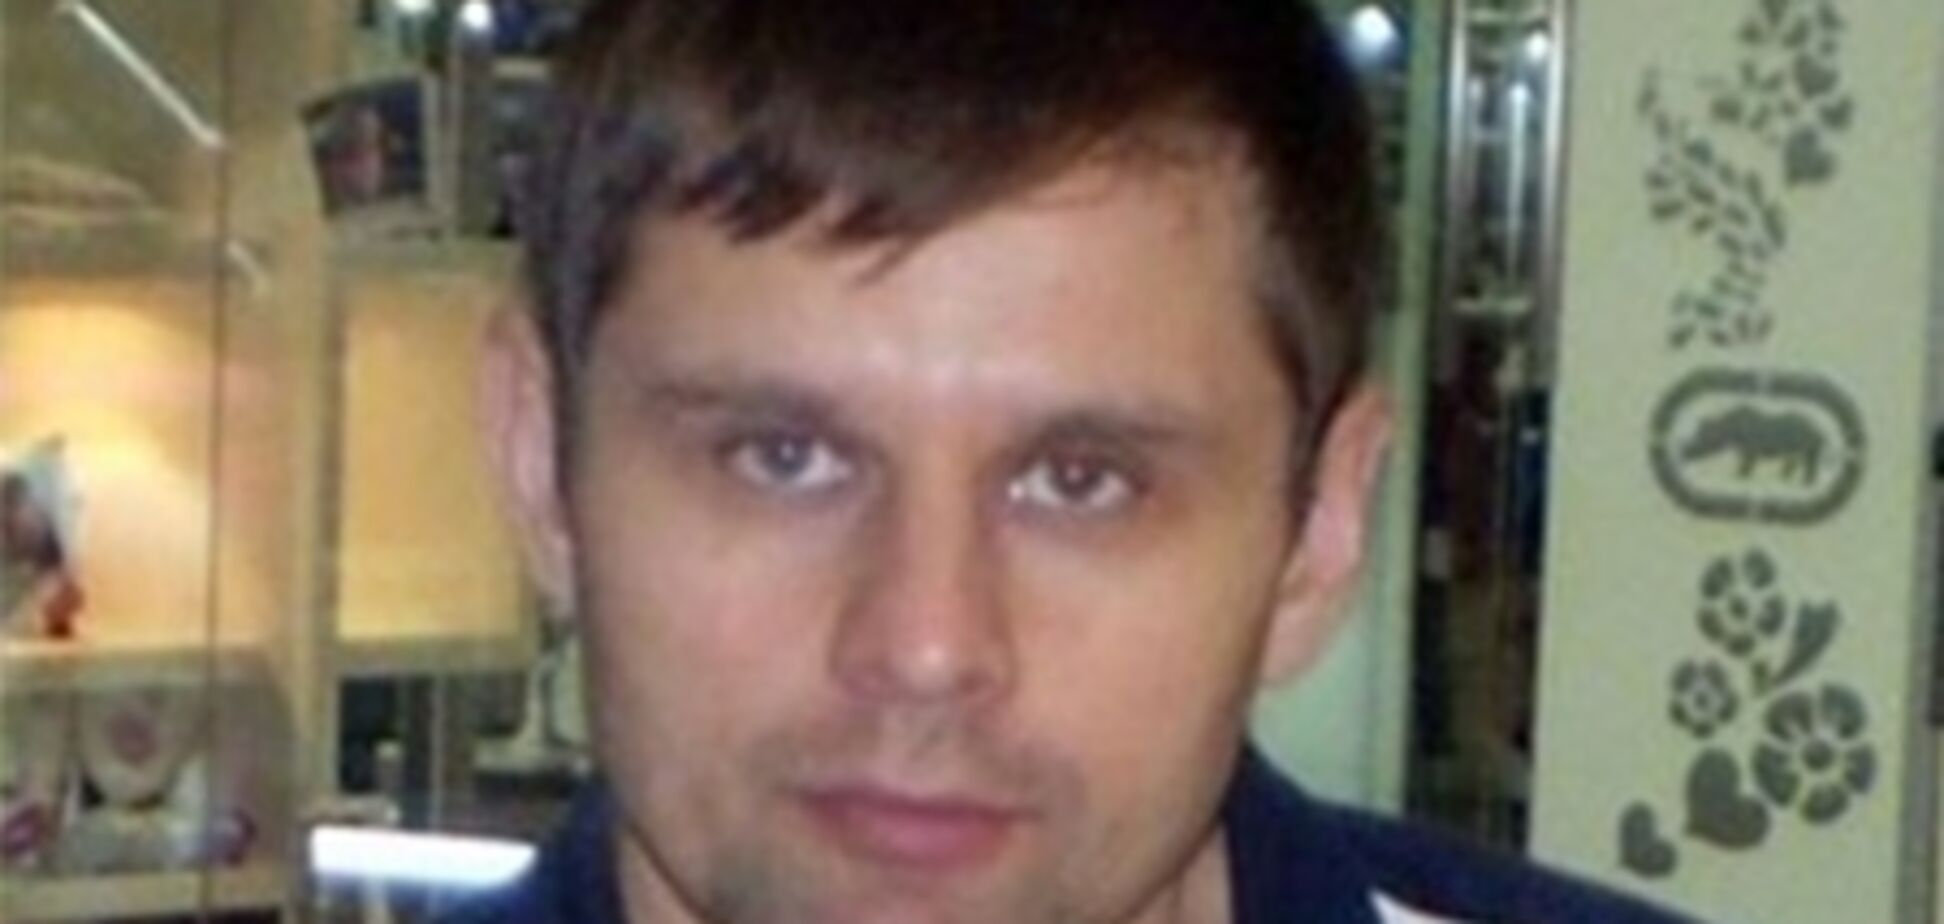 Мазурок начал убивать охранников с 2004 года - СМИ